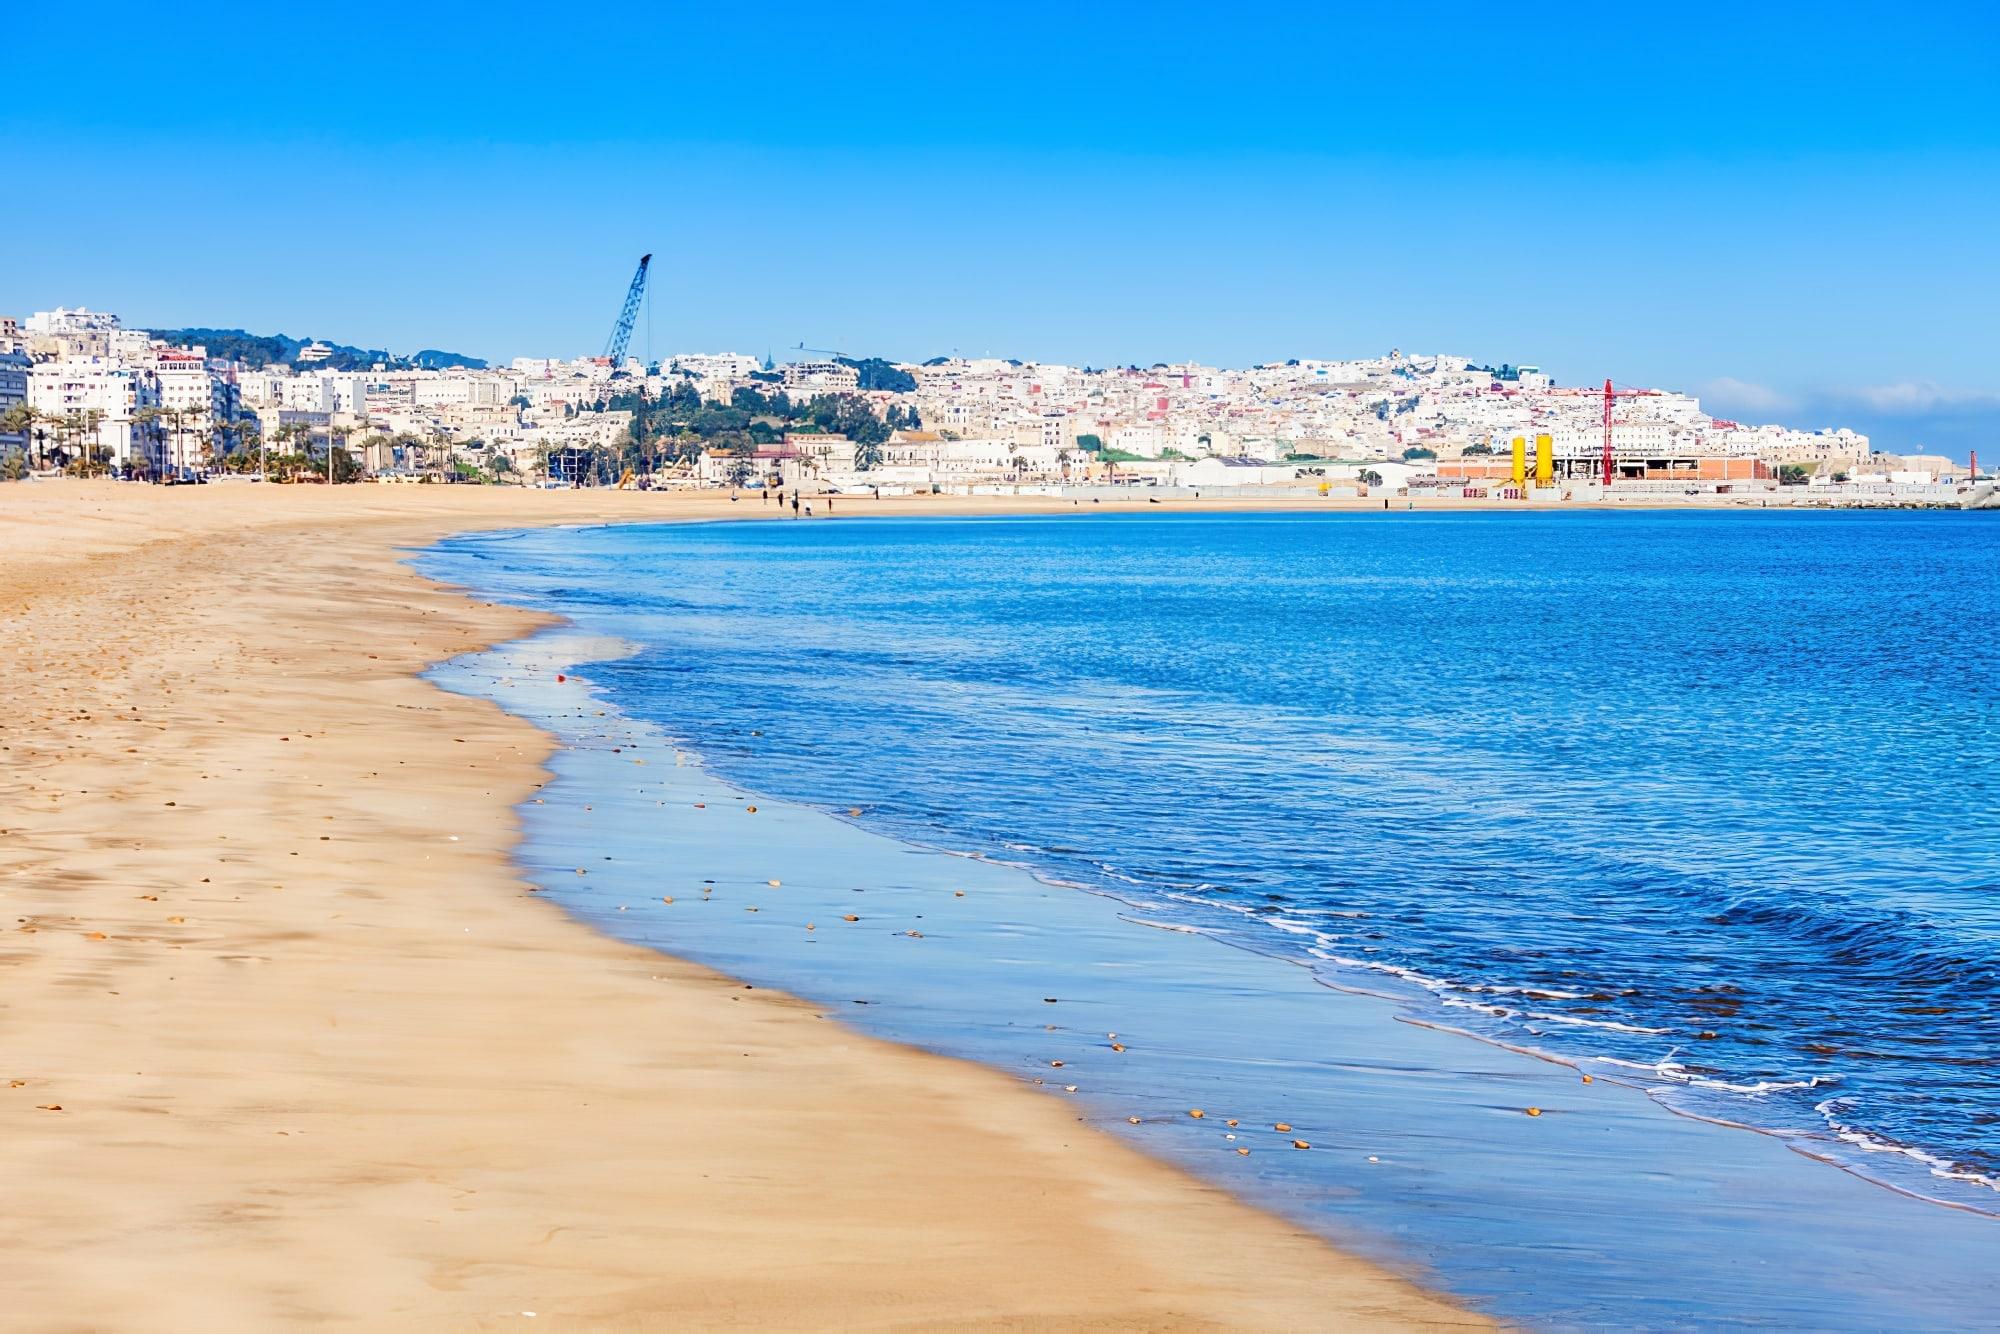 Plage de la ville de Tanger